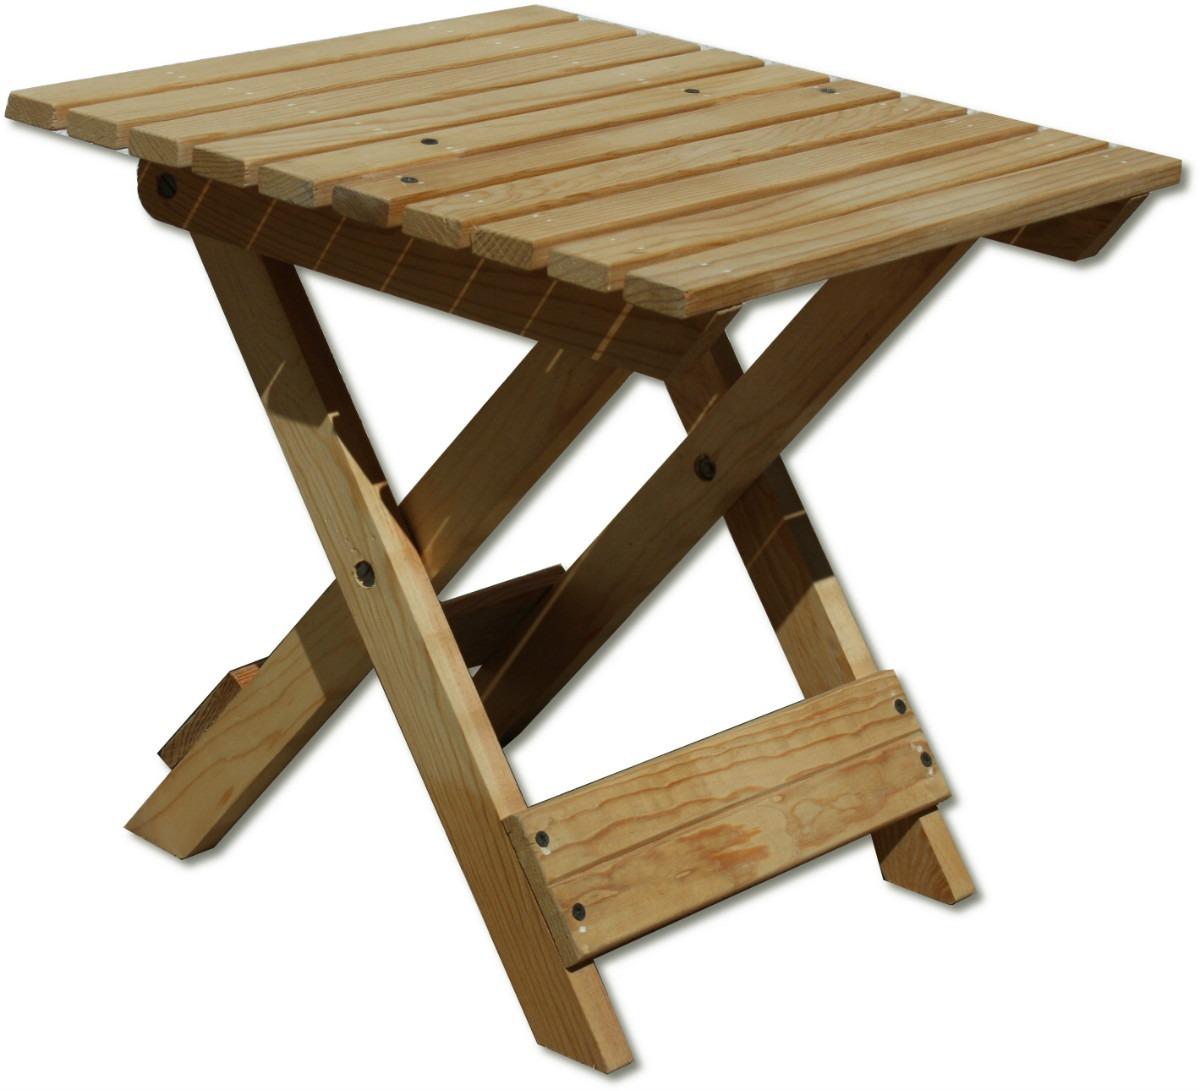 Bancos de madera para interior dise os arquitect nicos for Muebles para jardin de madera